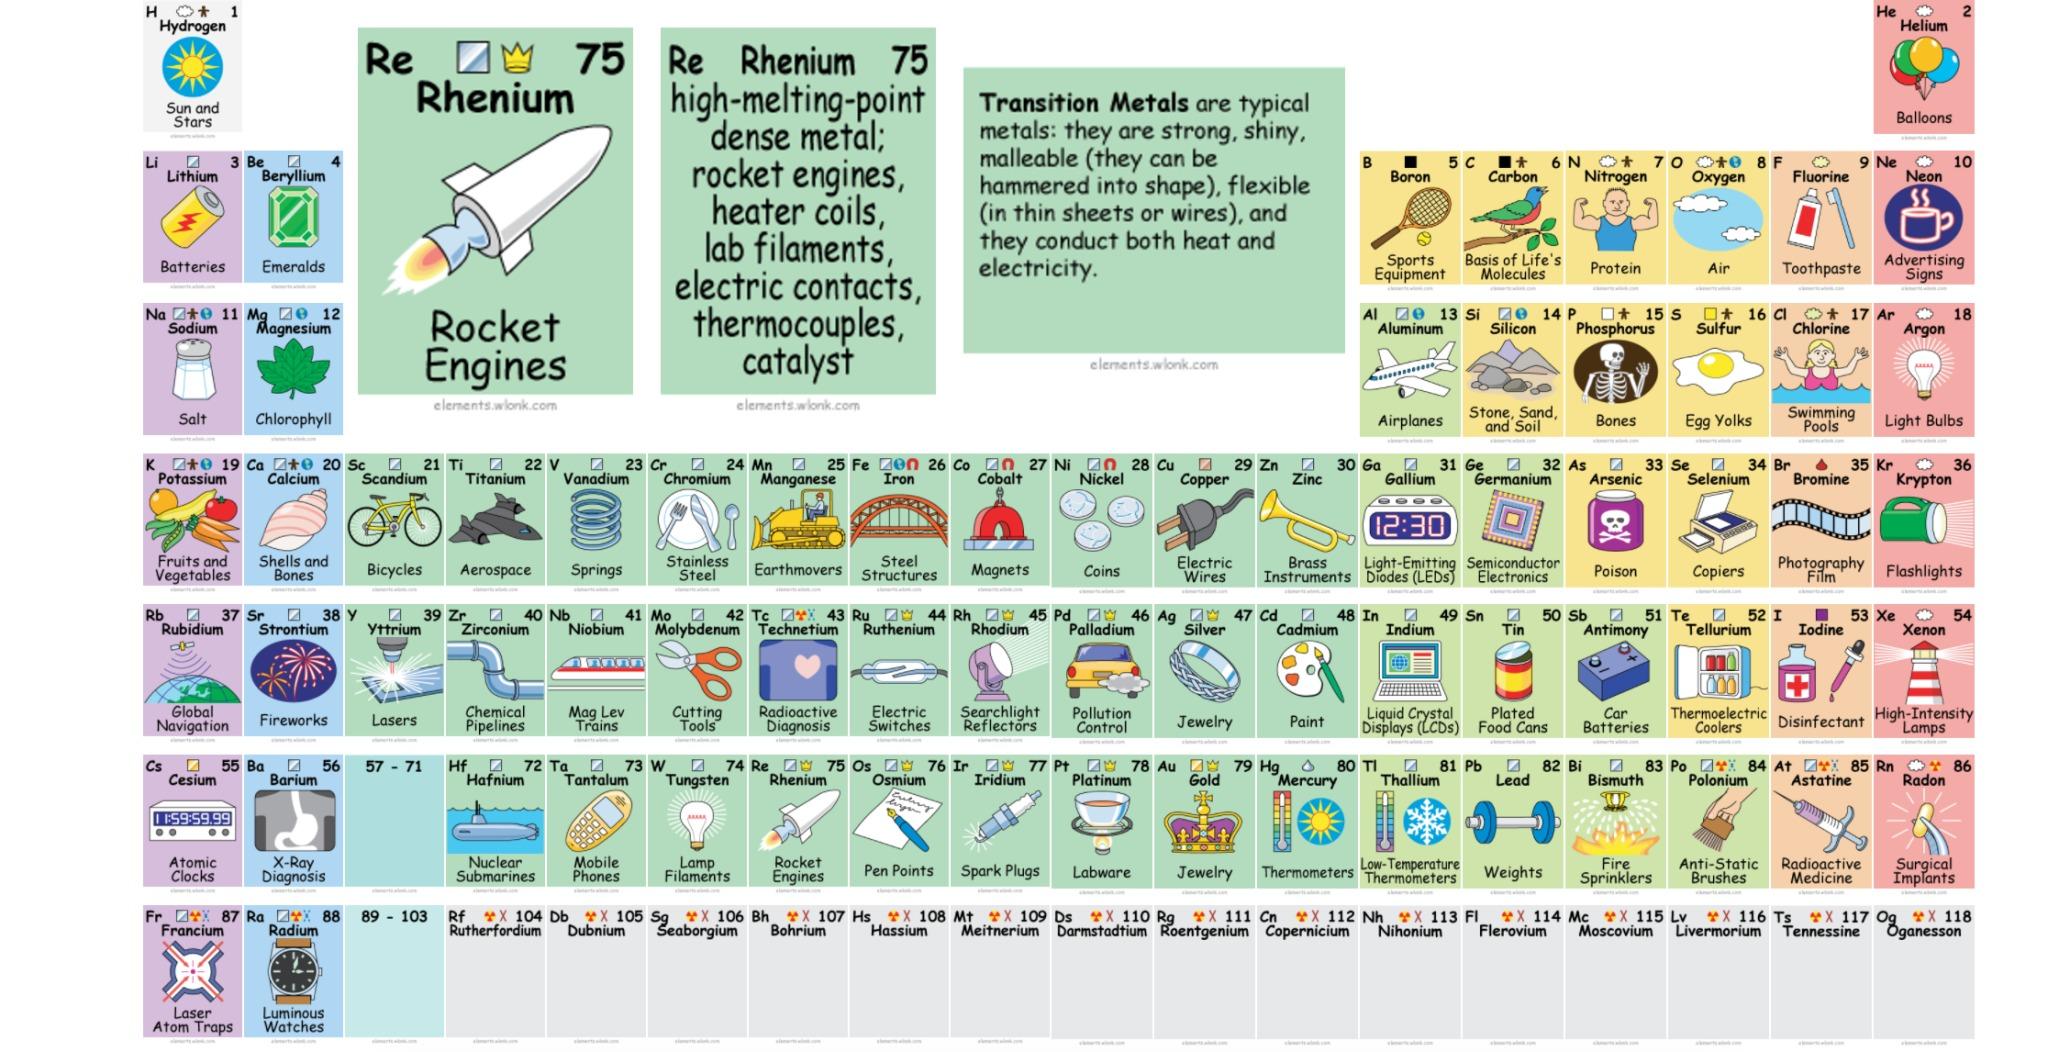 La tavola periodica come non l 39 avete mai vista interattiva tom 39 s hardware - Tavola periodica in inglese ...